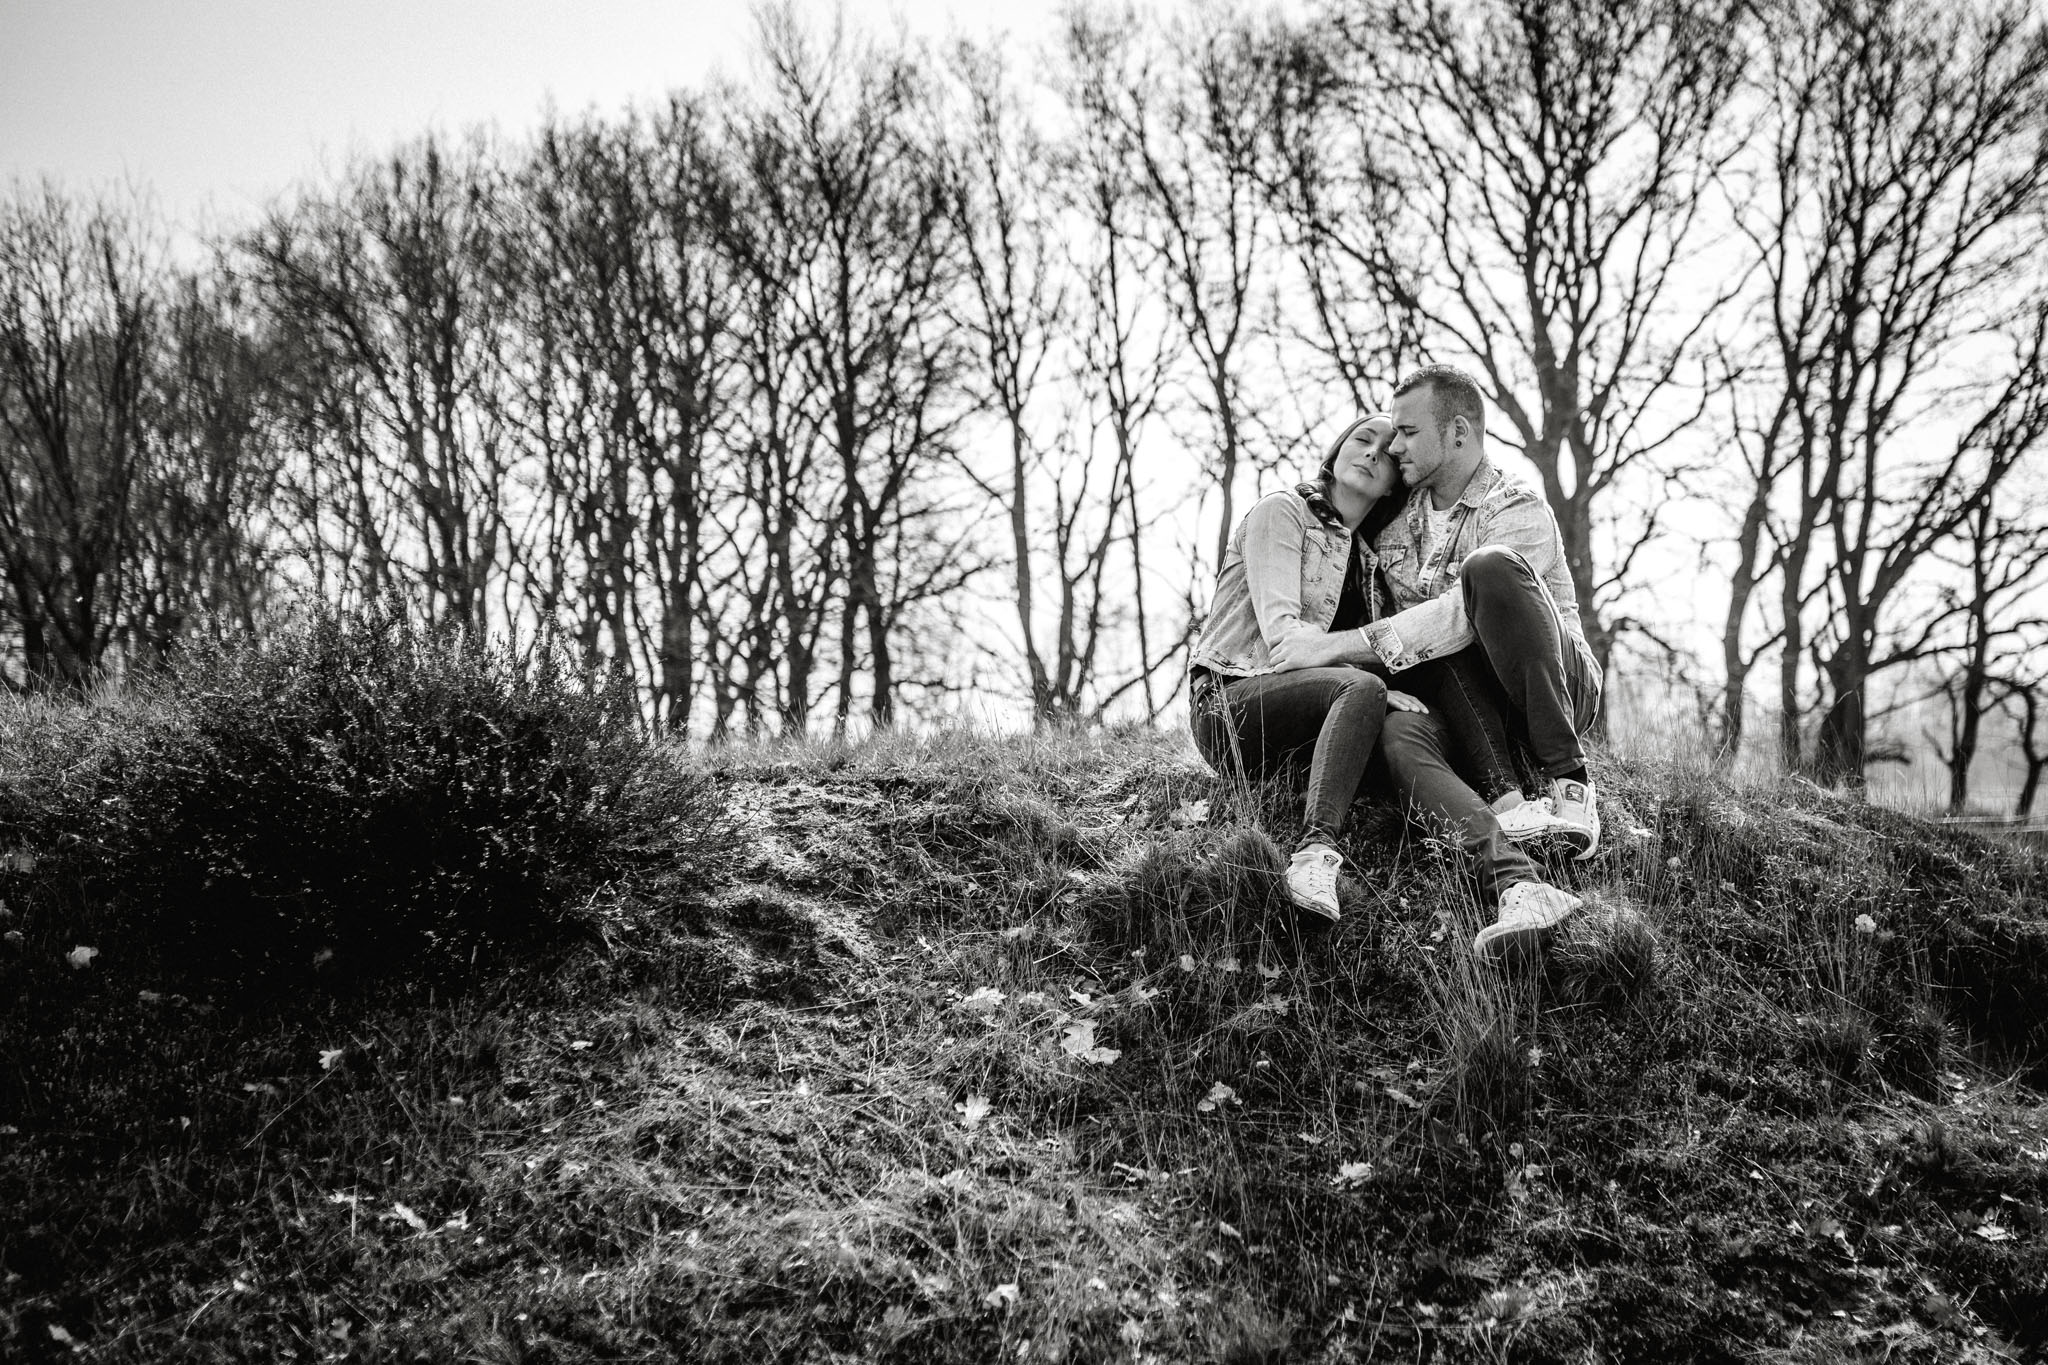 Hochzeitsfieber by Photo-Schomburg, Sven Schomburg Hochzeitsfotografie, Engagementshooting, Coupleshoot, Pärchenshoot, Boberger Dünen-12